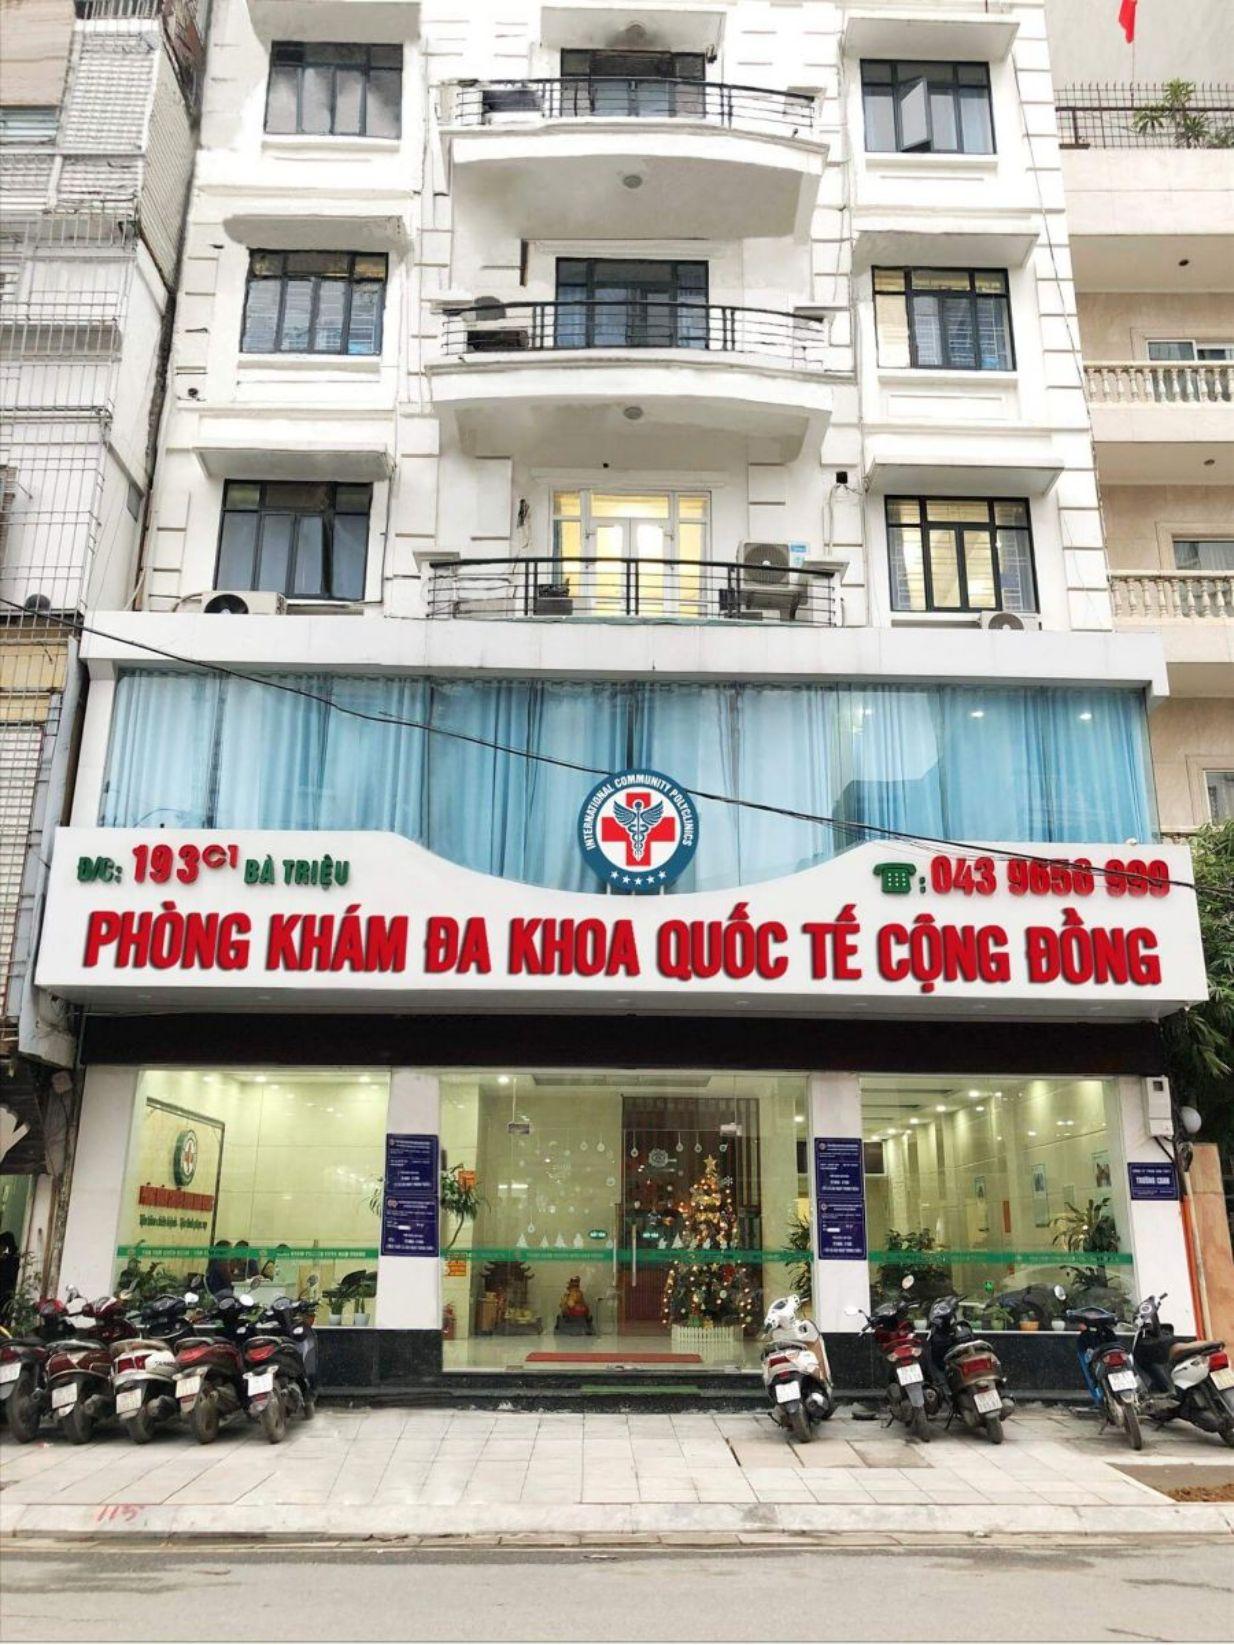 Phòng khám Đa Khoa Quốc Tế Cộng Đồng 193 Bà Triệu